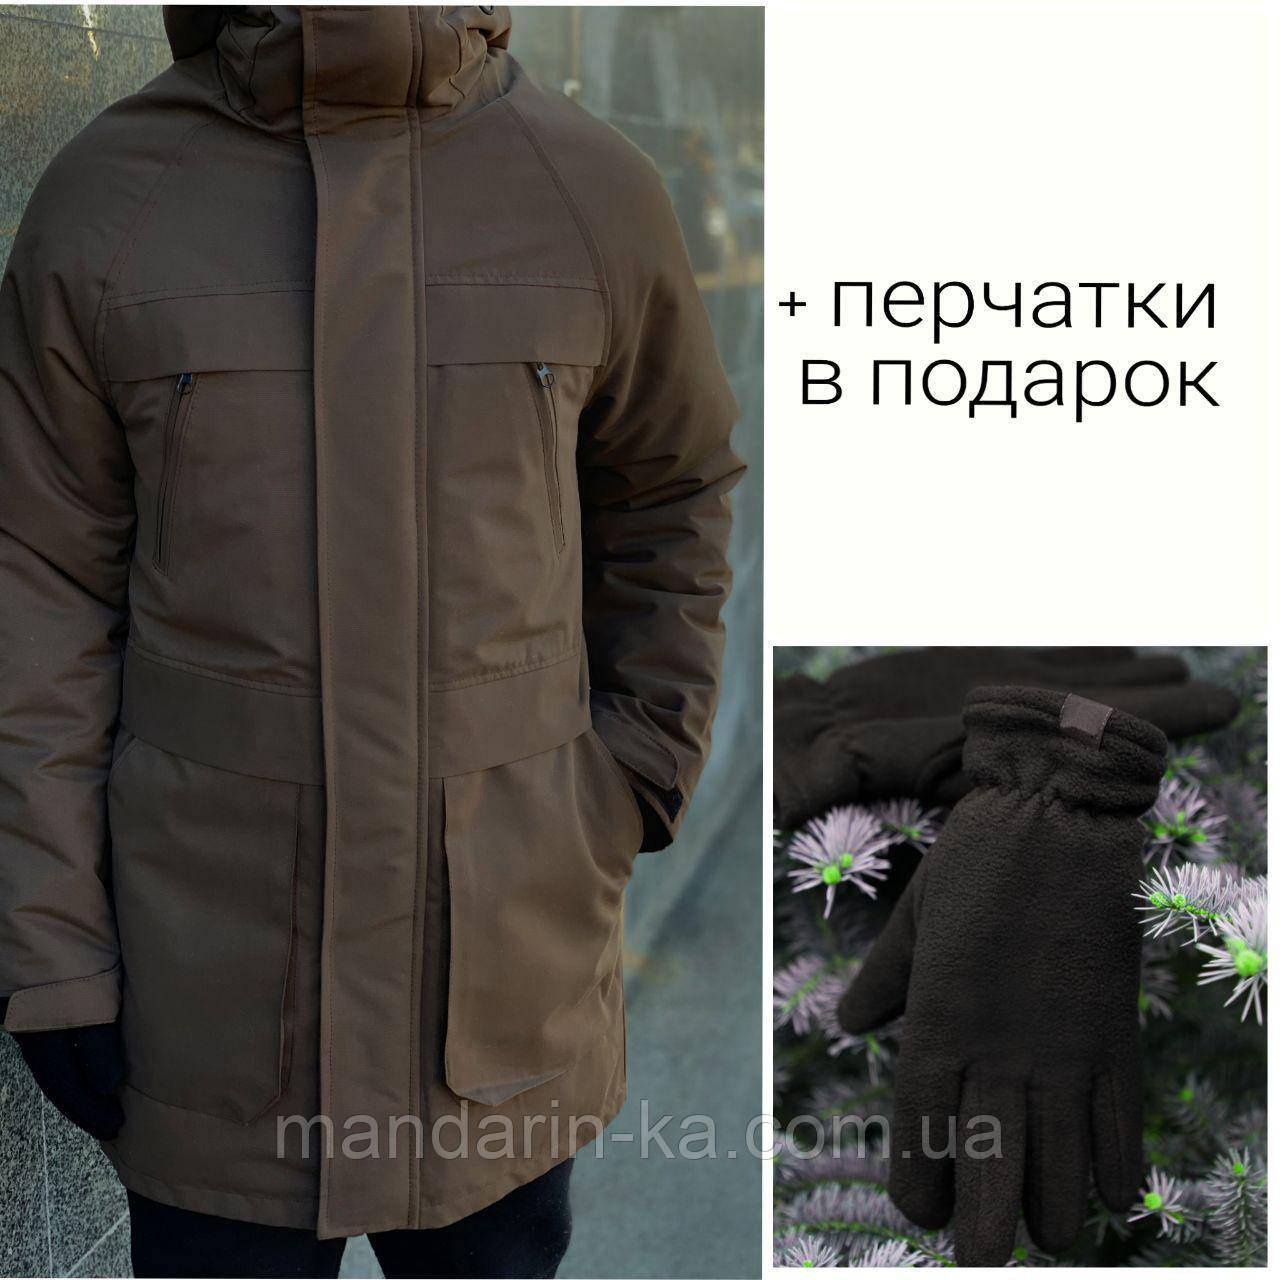 """Парка мужская зимняя коричневая Winter Parka """"Arctic""""+ Перчатки в подарок"""